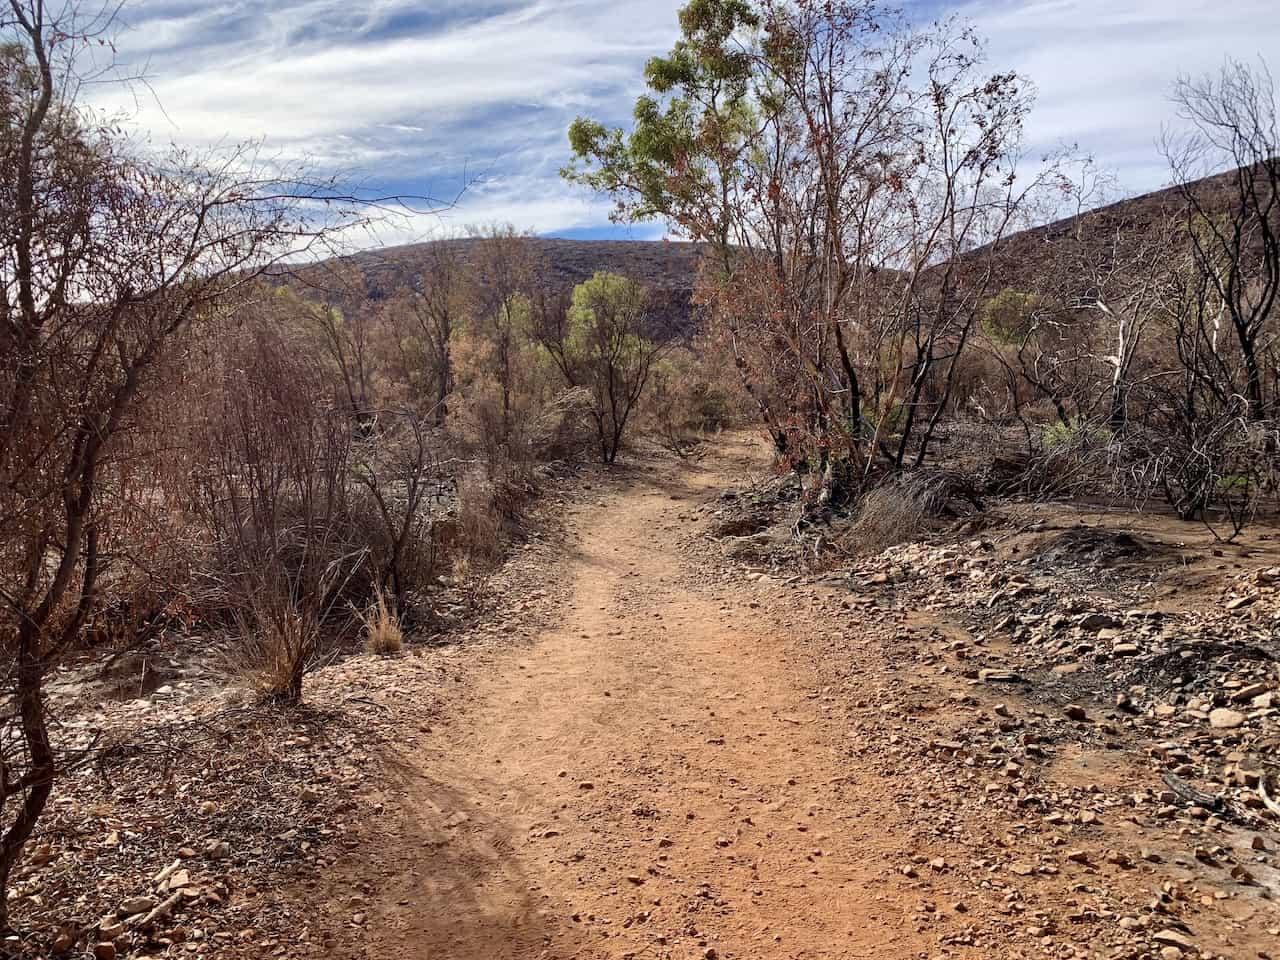 Serpentine Gorge Walk